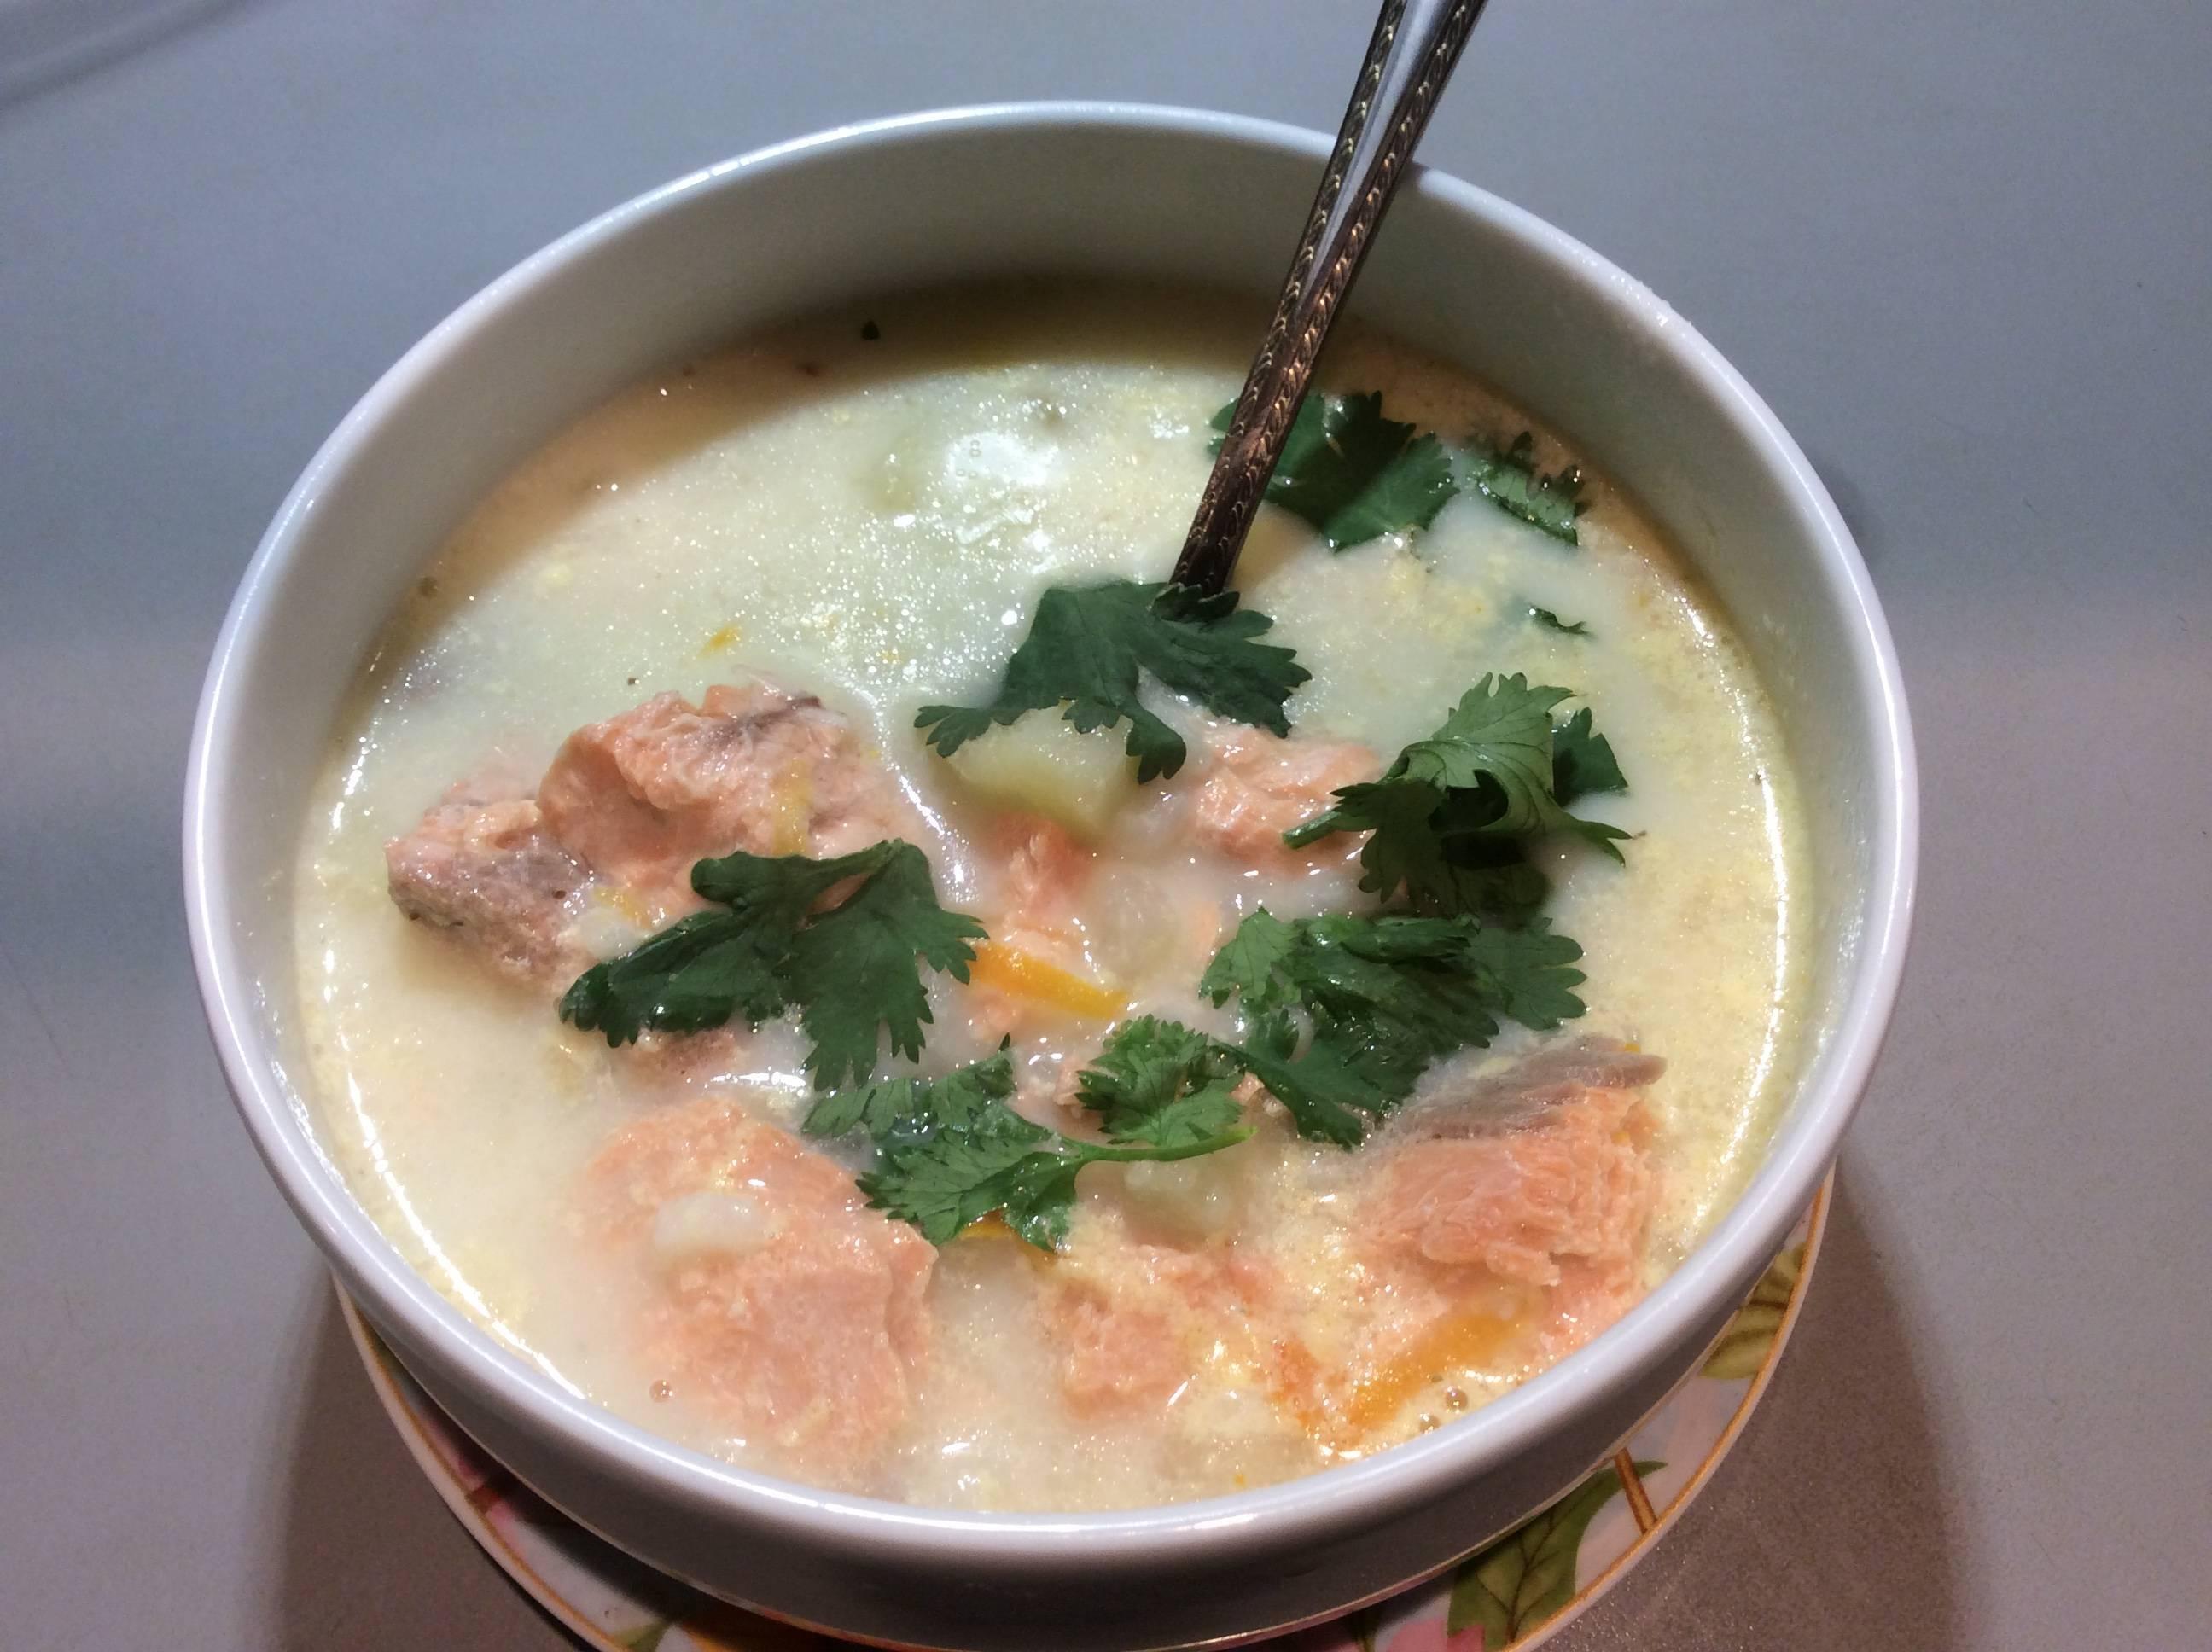 Сливочный суп с семгой - рецепты норвежского блюда из головы, брюшек красной рыбы, с креветками и помидорами